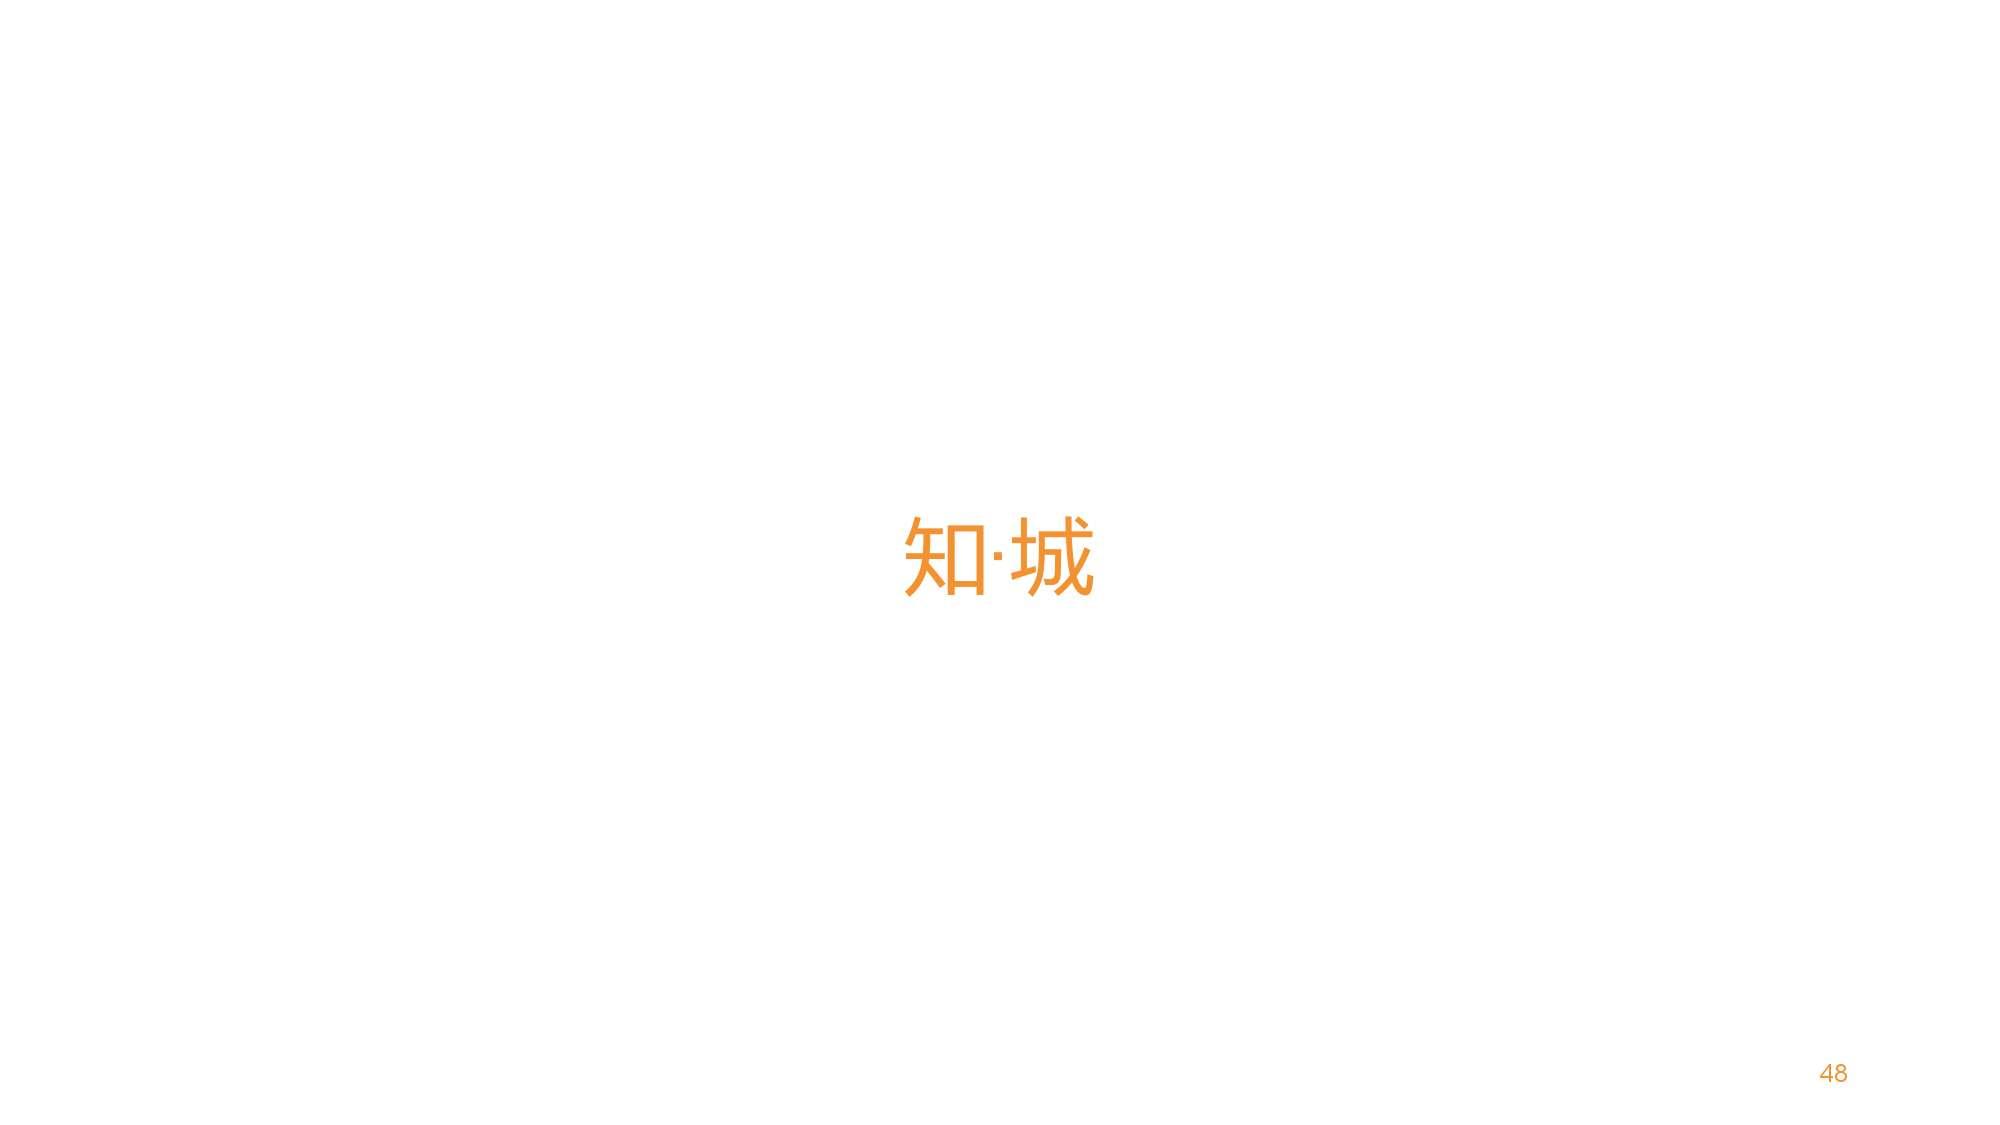 中国智能出行2015大数据报告_000048